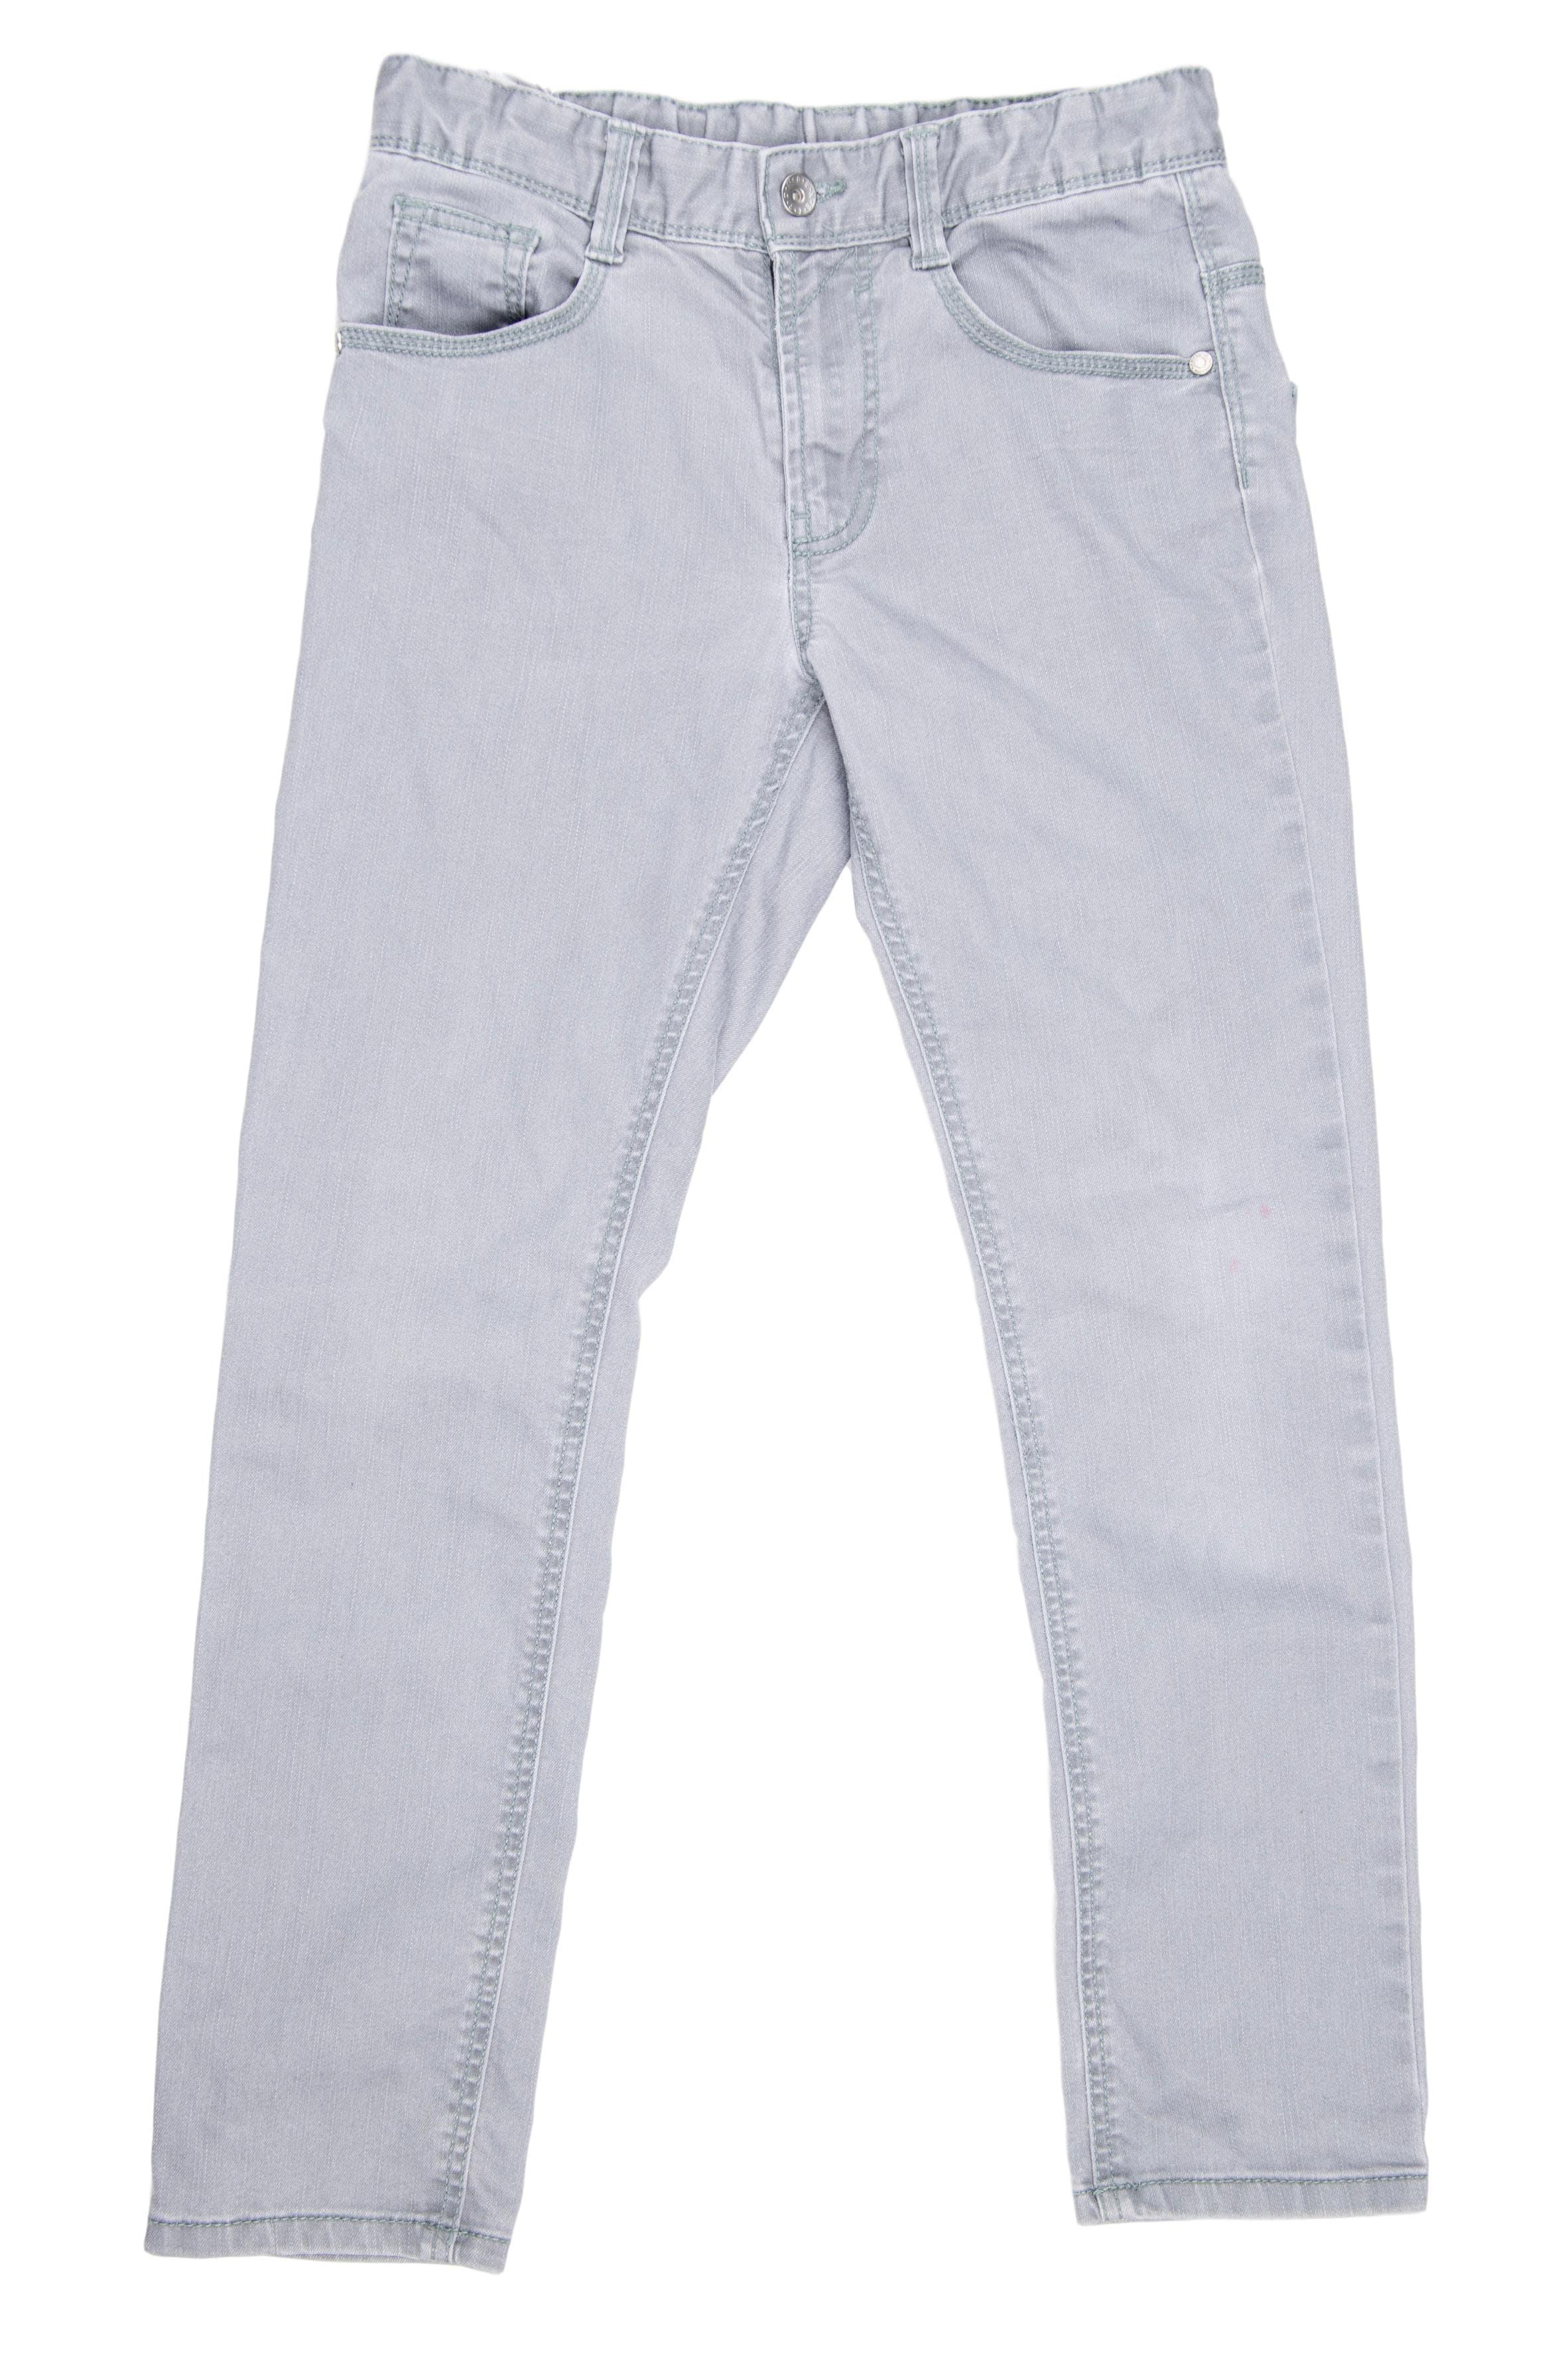 Jean gris cintura regulable, Talla en etiqueta 10 - 11 años - Benetton